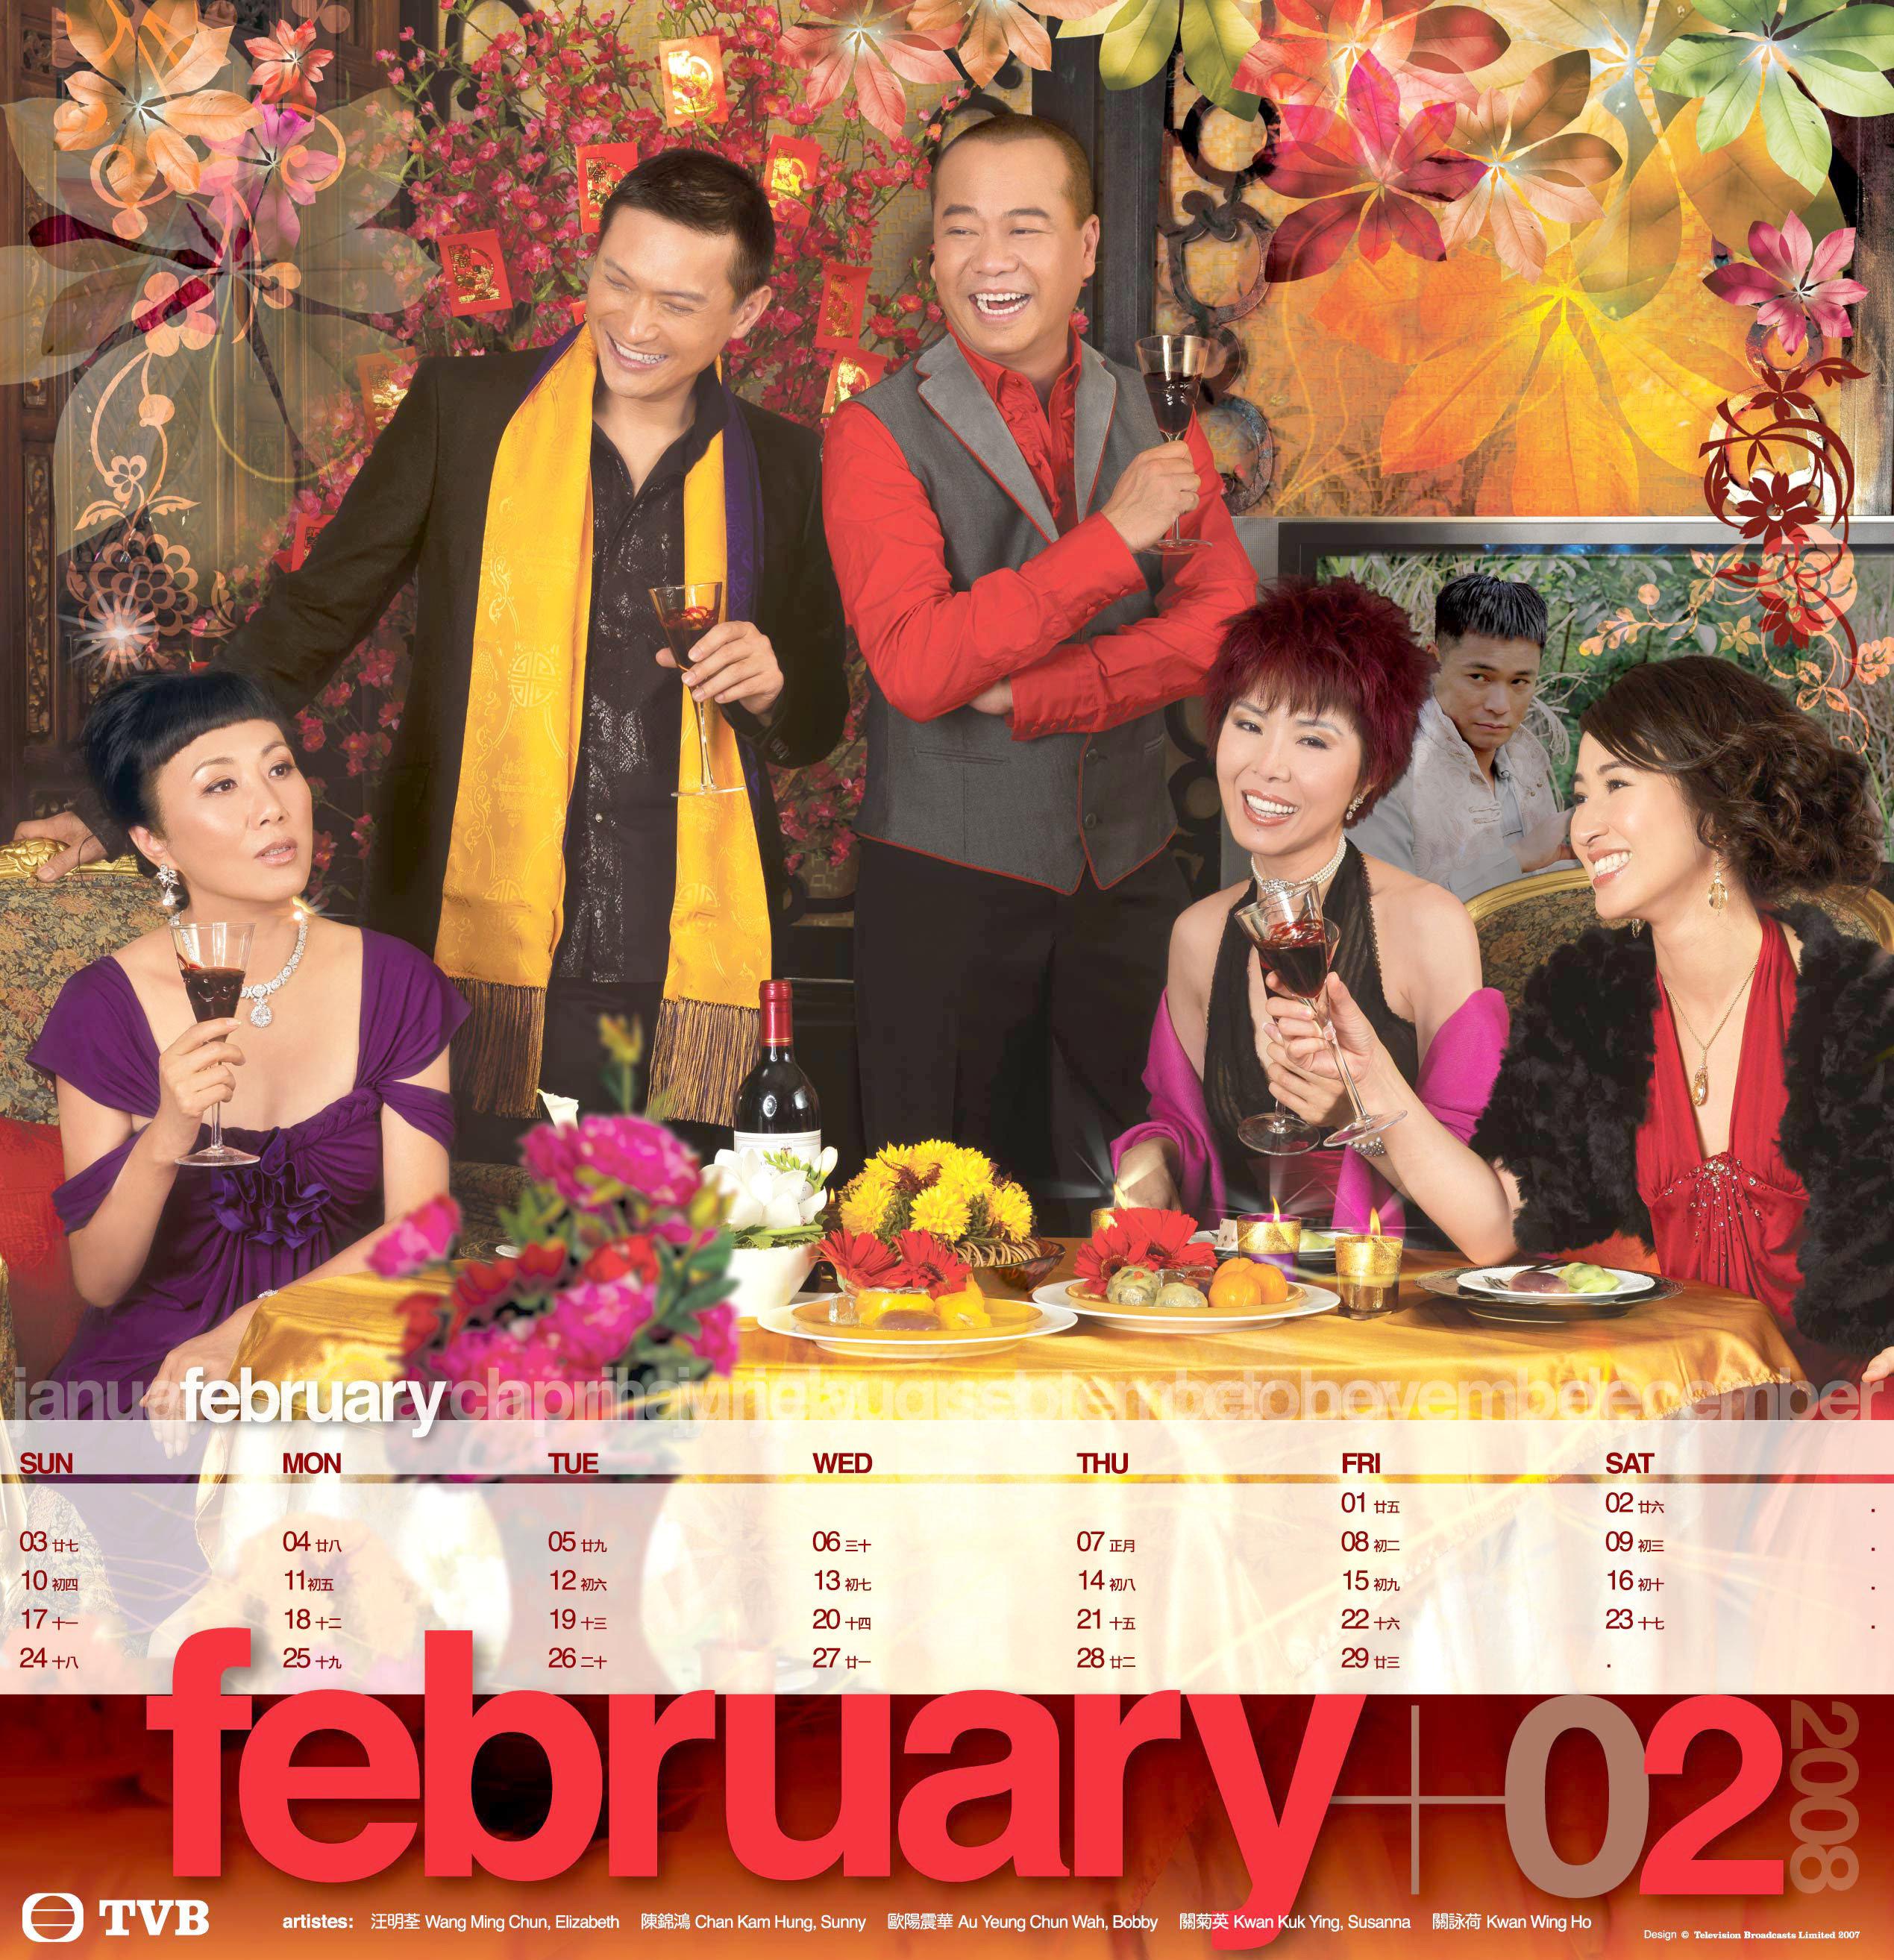 Hong Kong TVB calendar February 2008